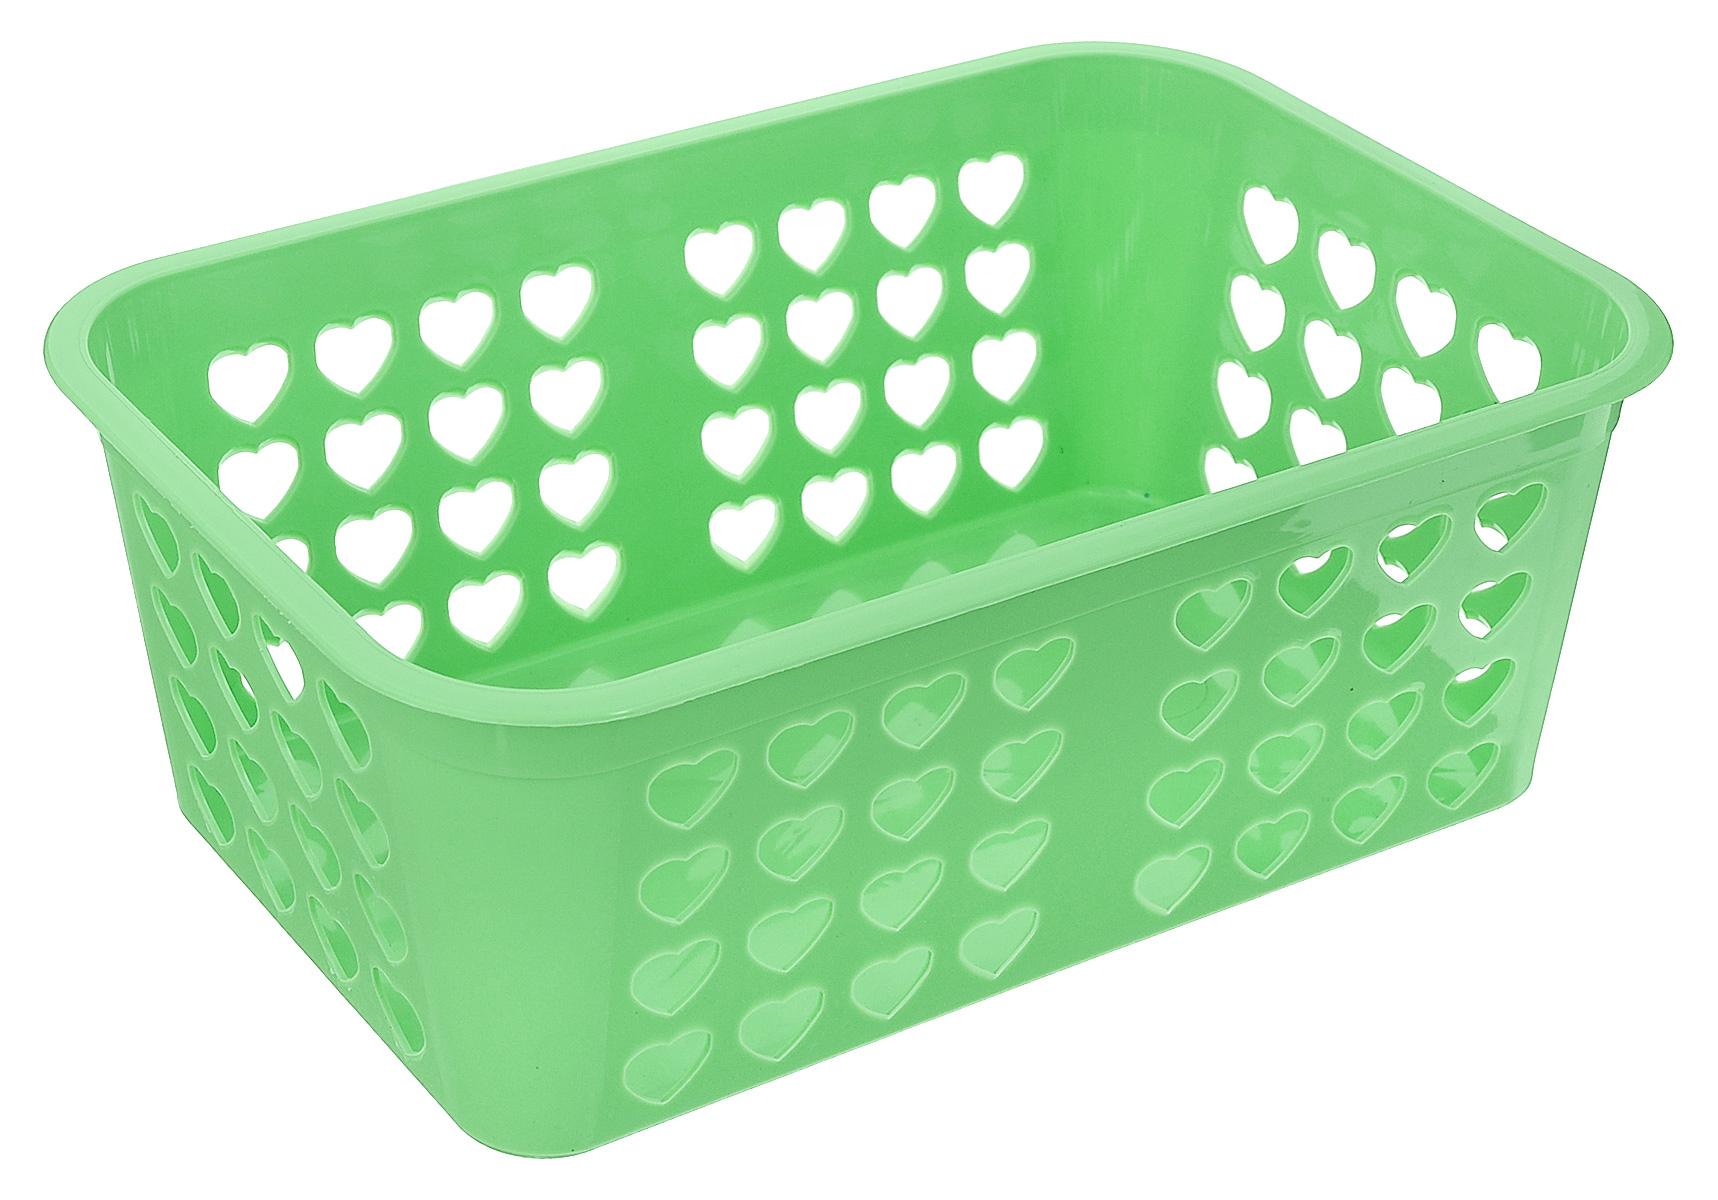 Корзина для хранения Альтернатива Вдохновение, цвет: салатовый, 26,5 х 16,5 х 10 смМ471_салатовыйПрямоугольная корзина Альтернатива Вдохновение, изготовленная из пластика, предназначена для хранения мелочей в ванной, на кухне, даче или гараже. Корзина со сплошным дном, оснащена перфорированными стенками. Элегантный выдержанный дизайн позволяет органично вписаться в ваш интерьер и стать его элементом.